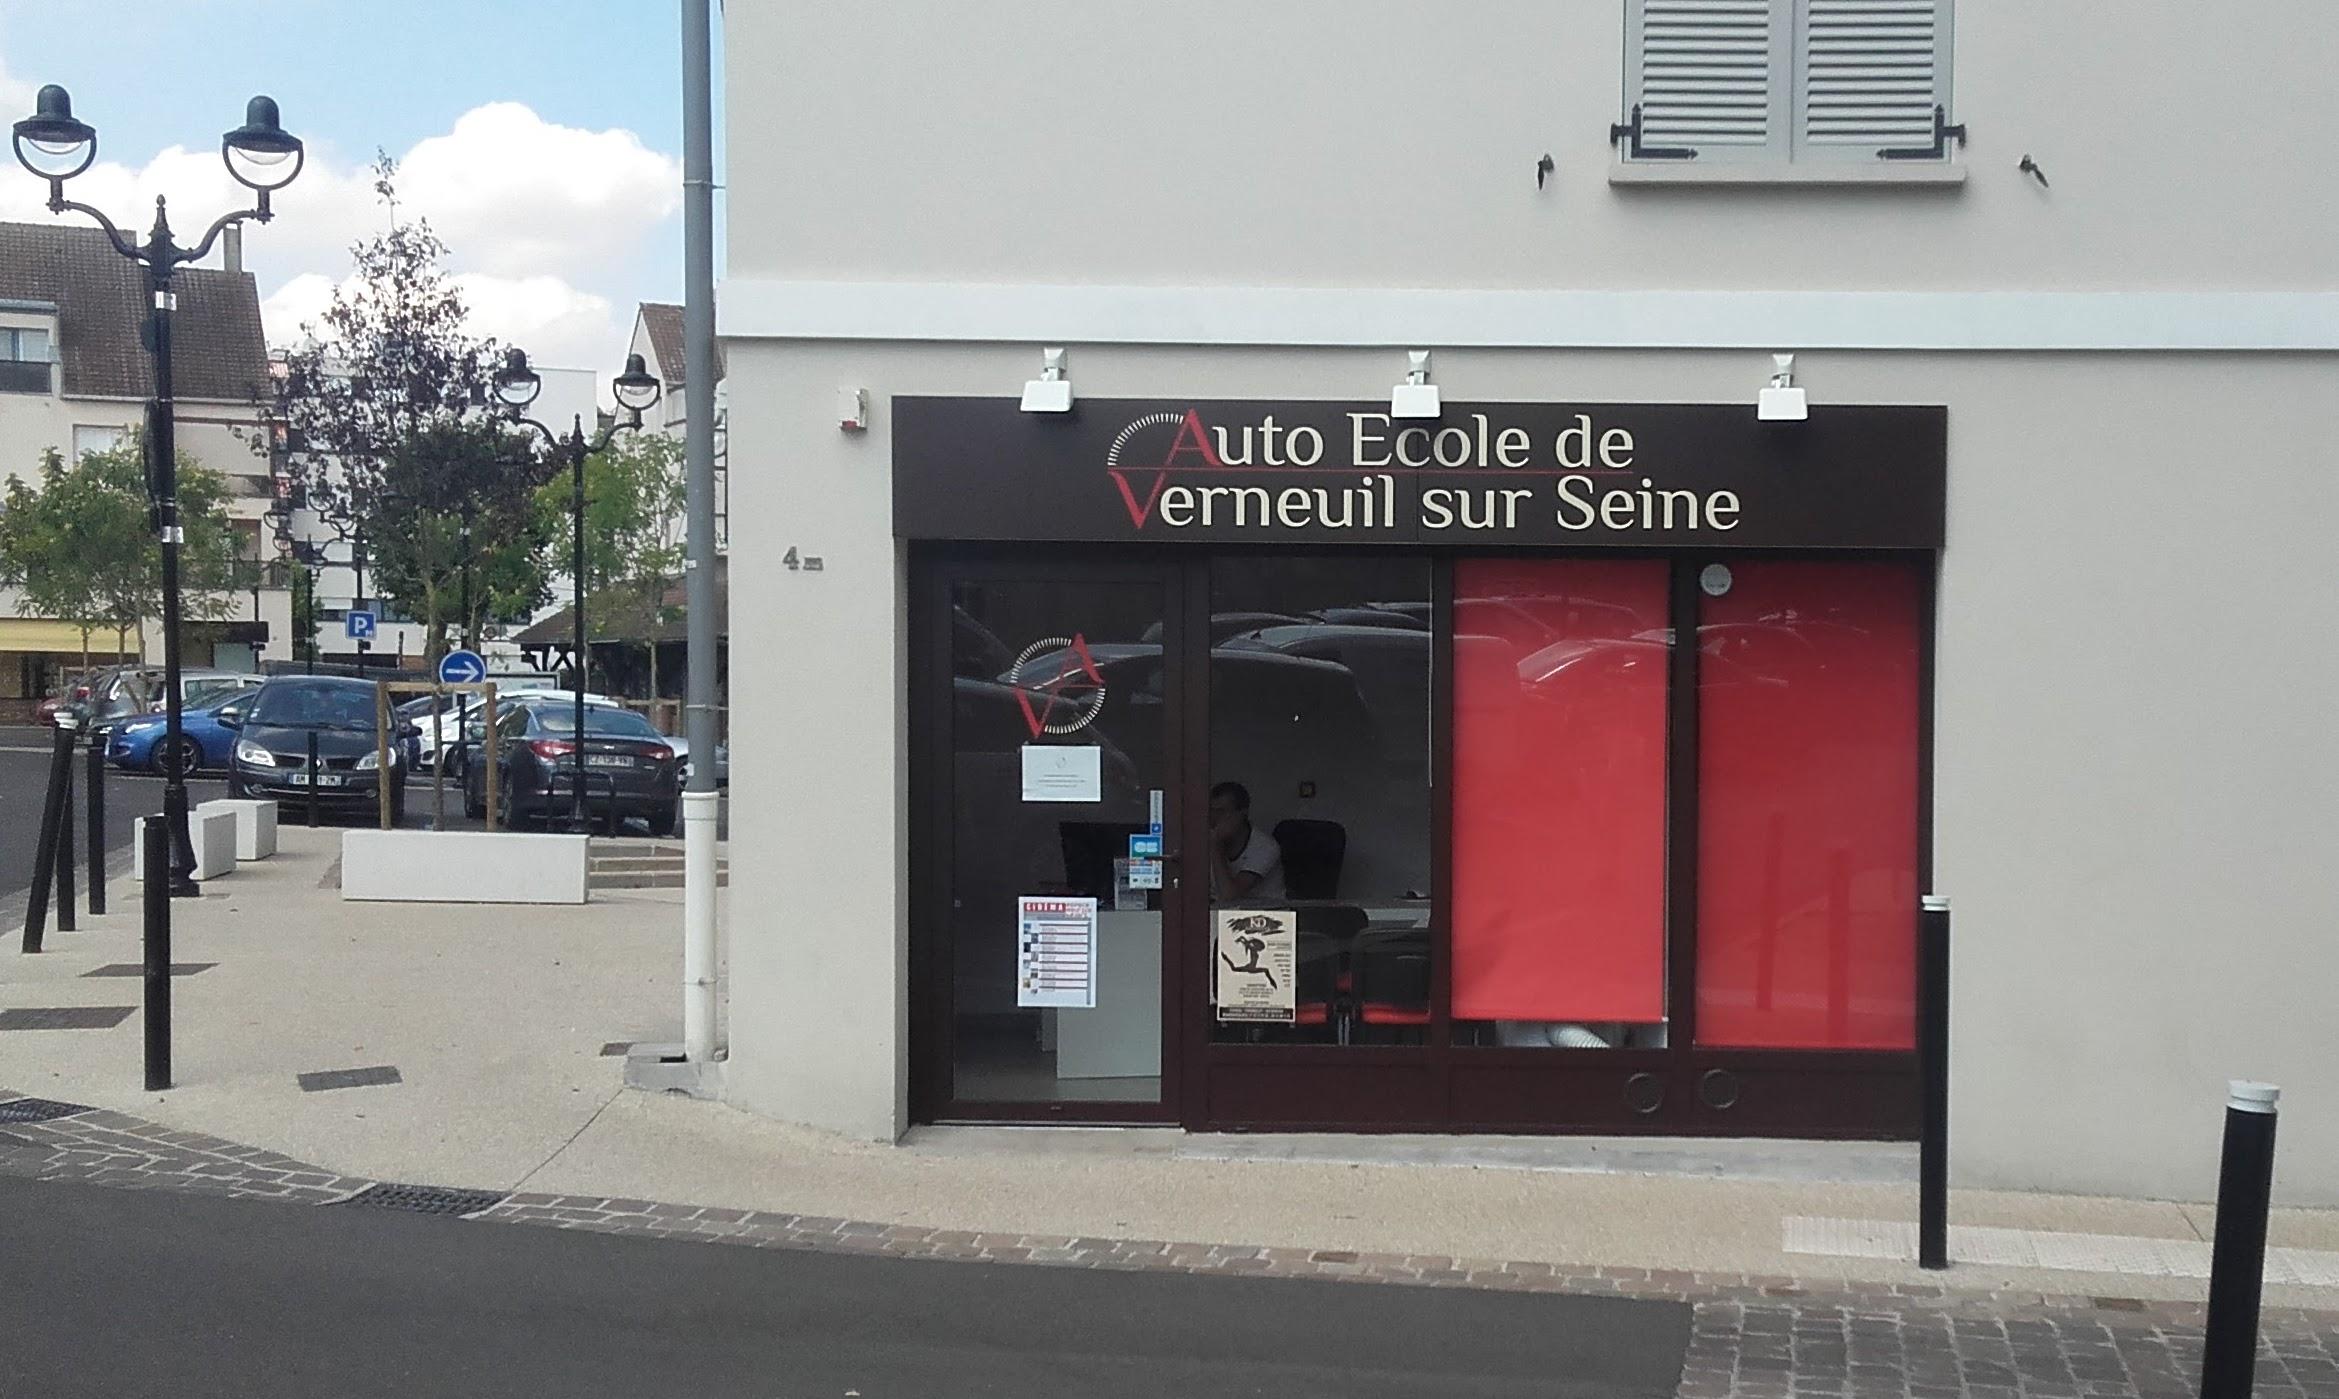 Auto École de Verneuil sur Seine